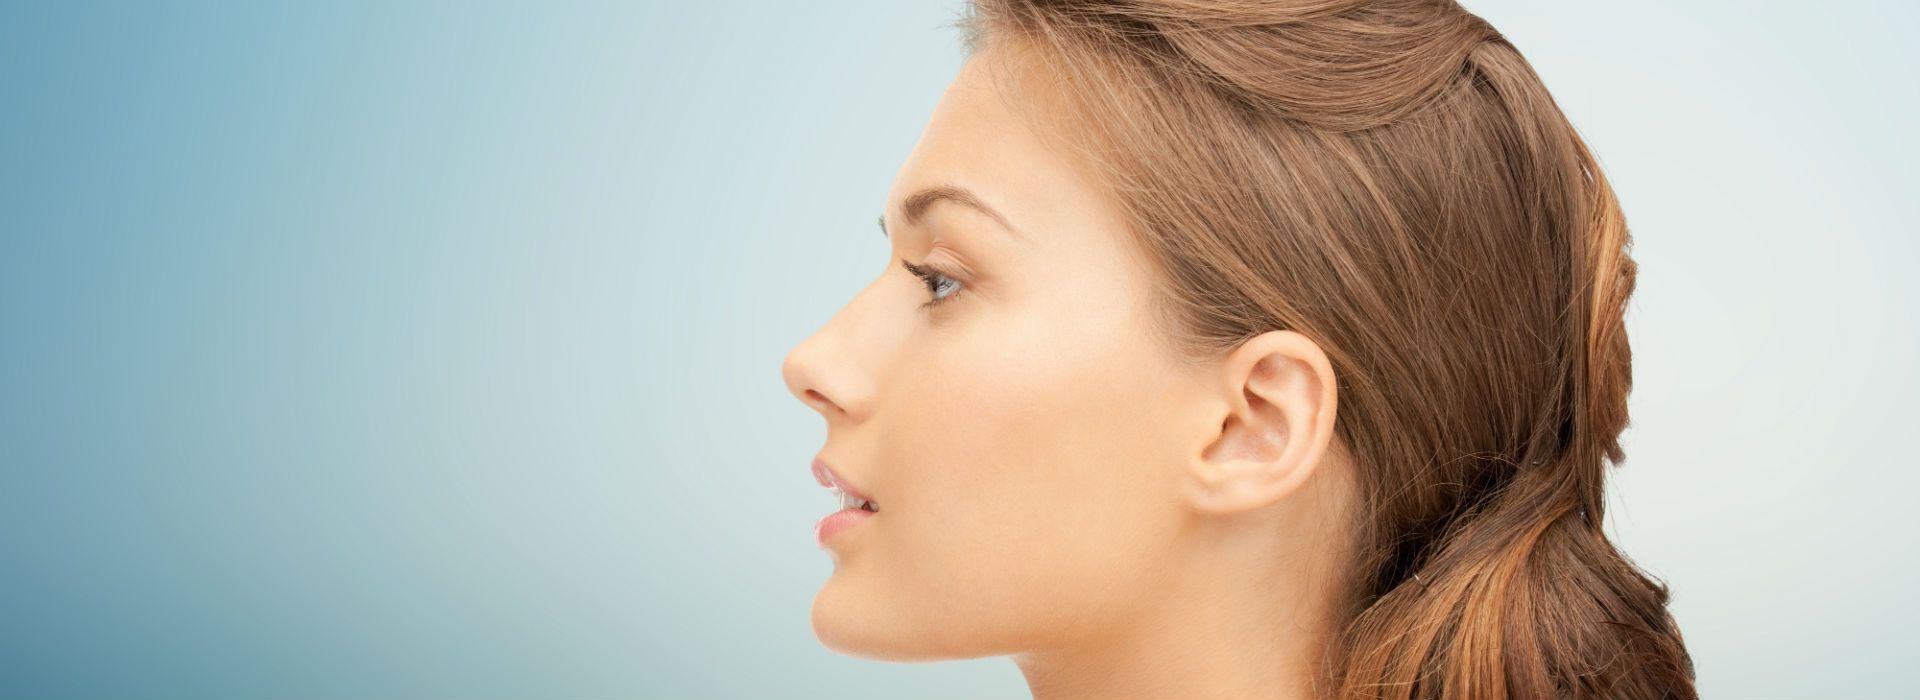 Dein Nasenkorrektur Ratgeber im Netz